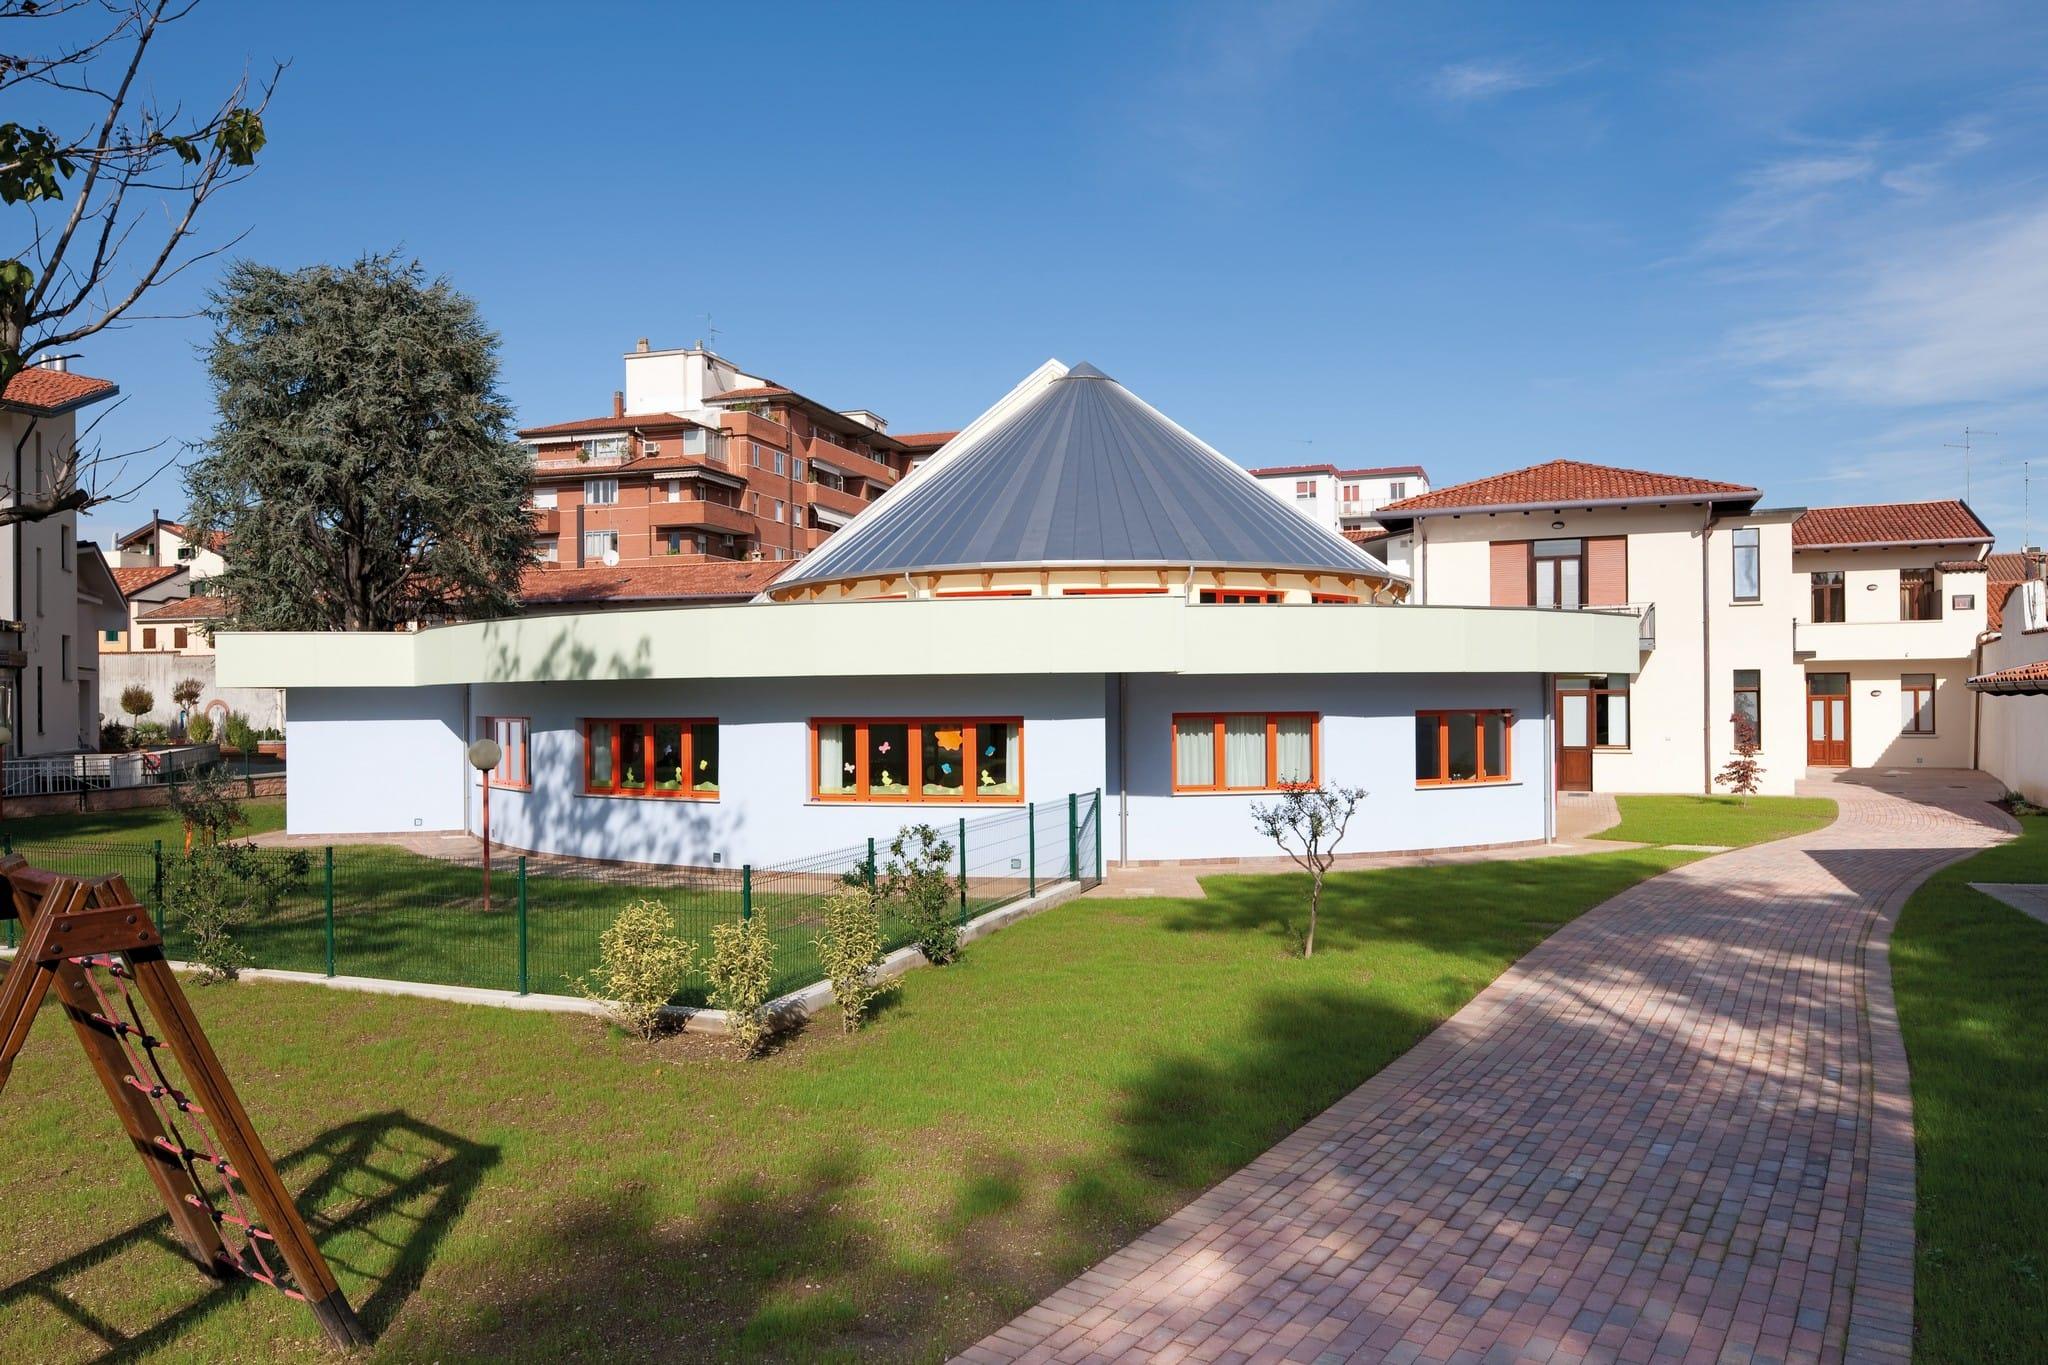 L'impresa Del Bianco ha esperienza nella costruzione di edifici pubblici